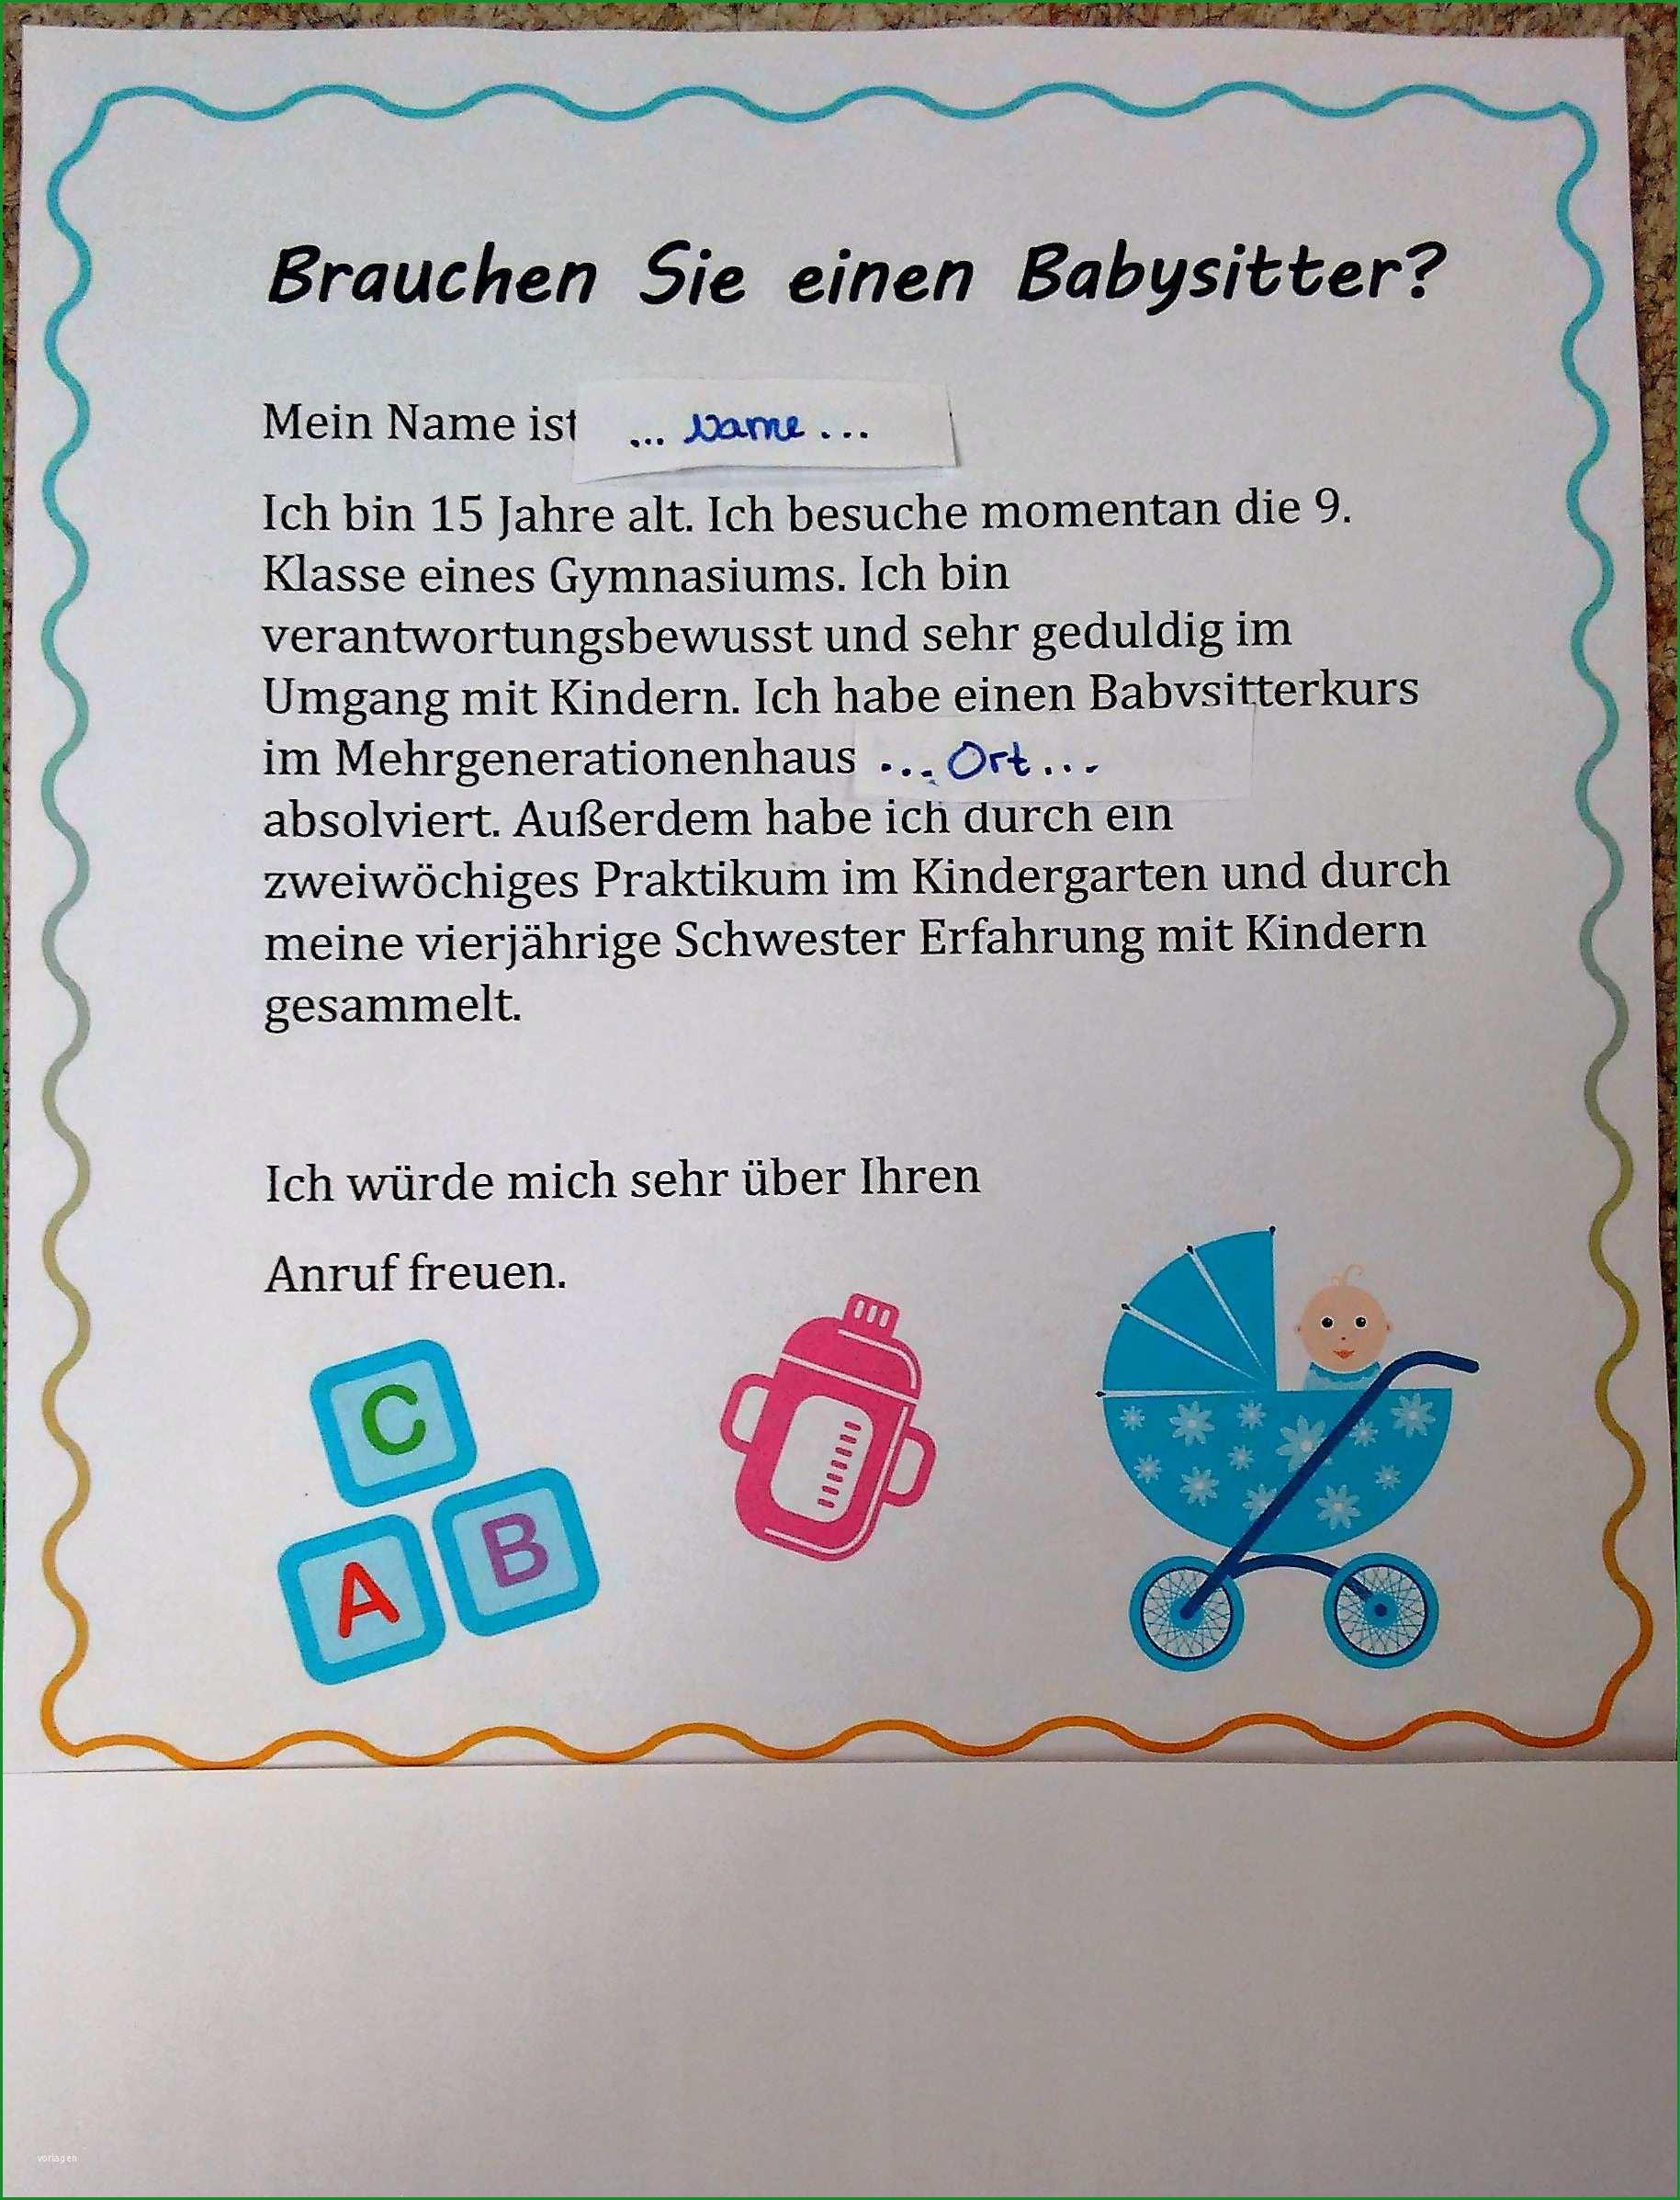 babysitter aushang wuerdet ihr anrufen